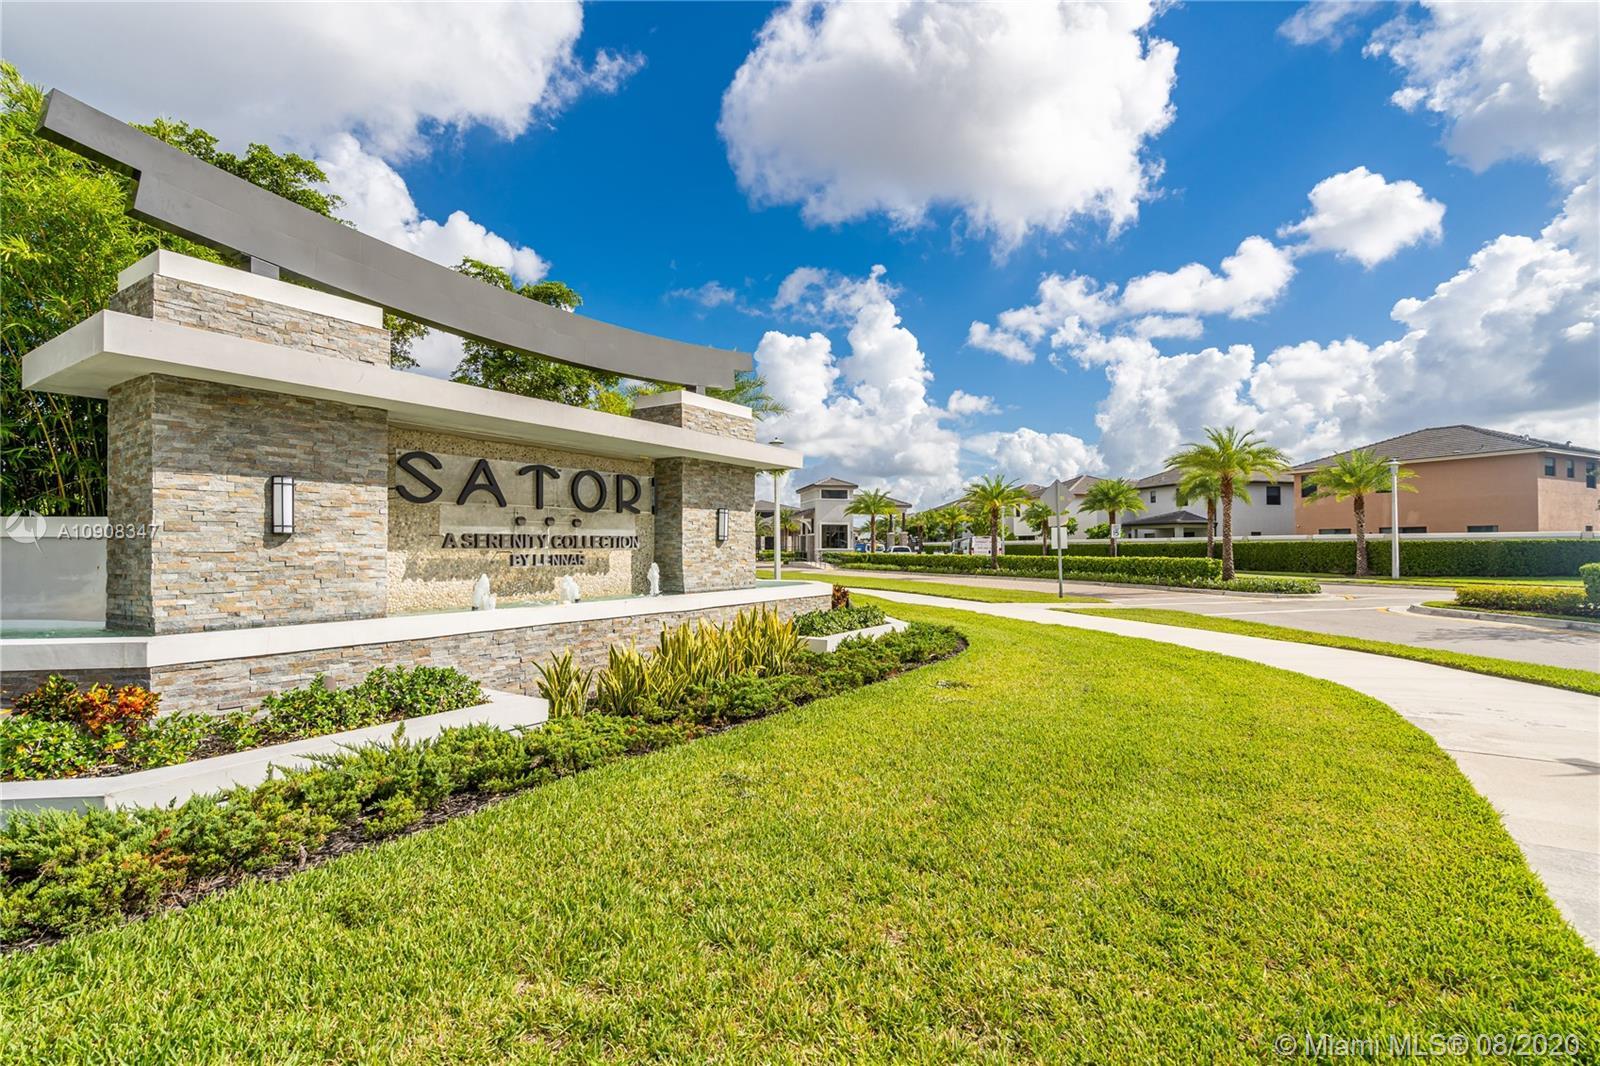 Miami Lakes - 8935 NW 161st Ter, Miami Lakes, FL 33018